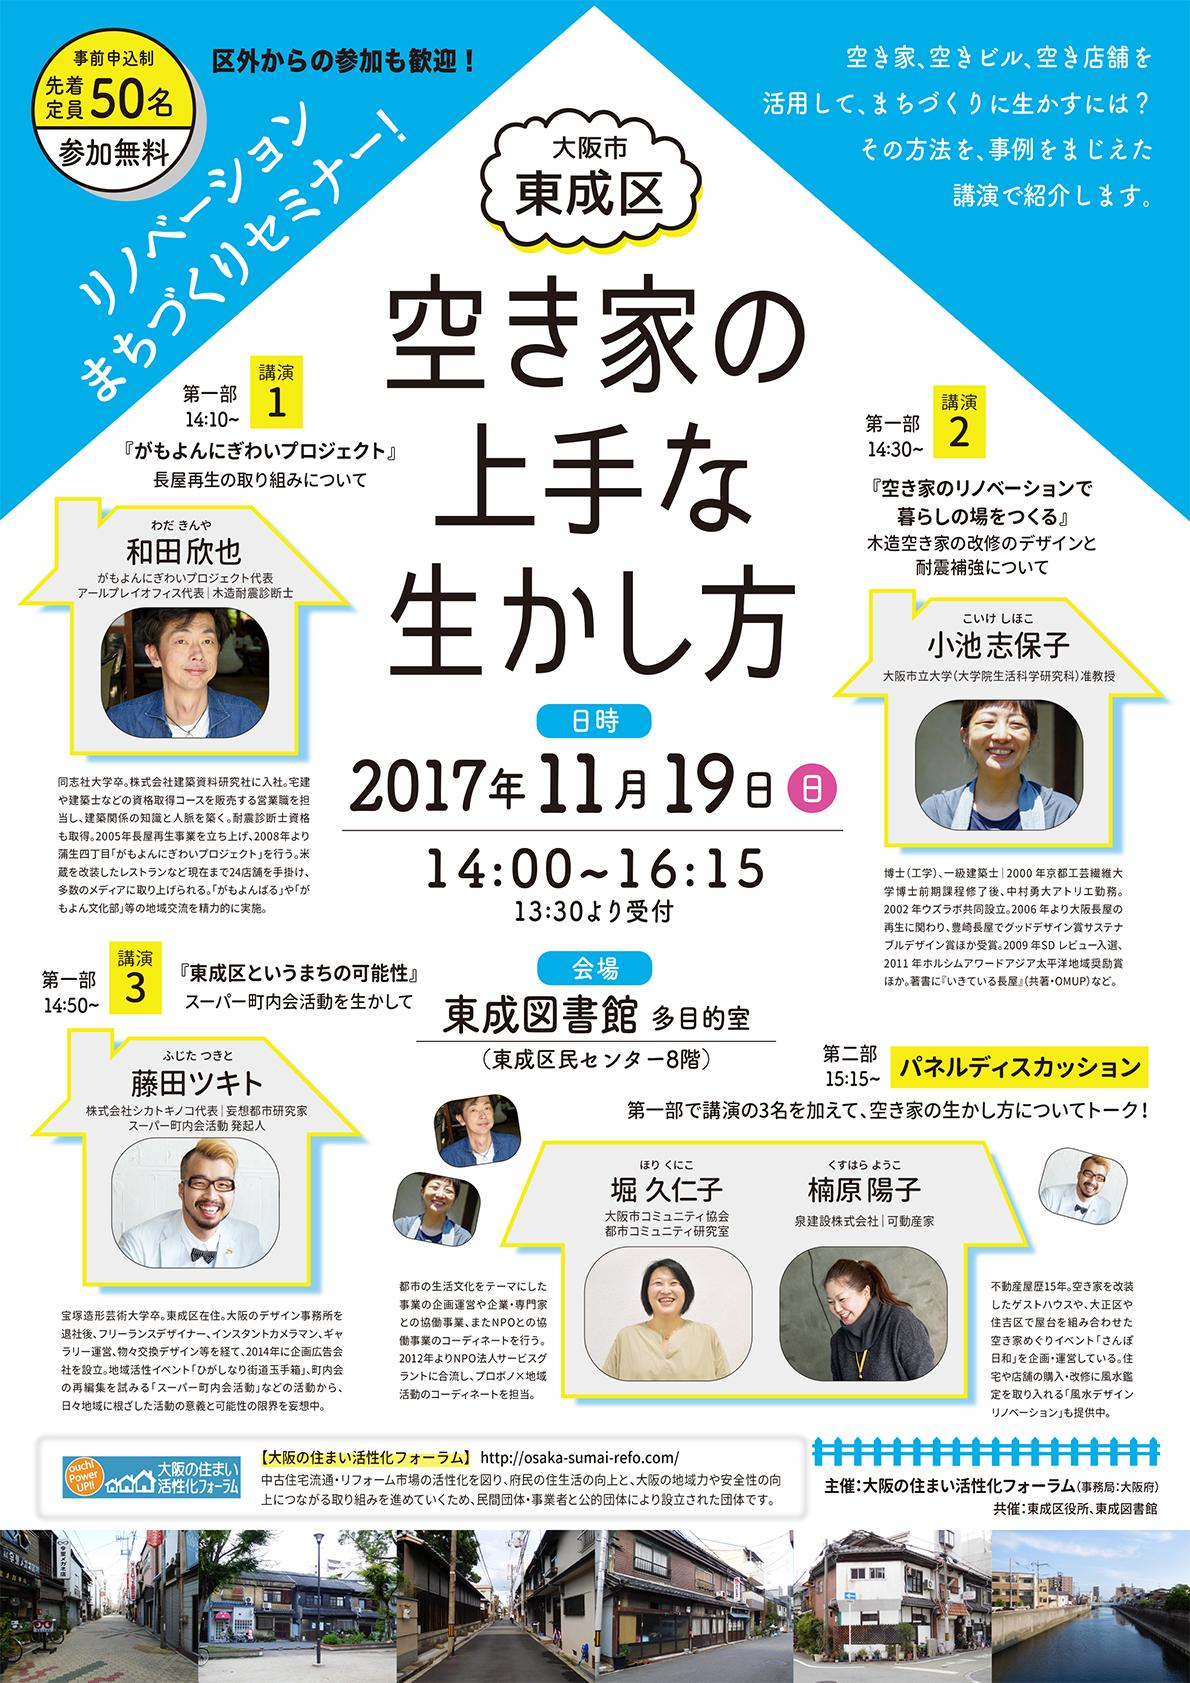 リノベーションまちづくりセミナー大阪市東成区空き家の上手な生かし方